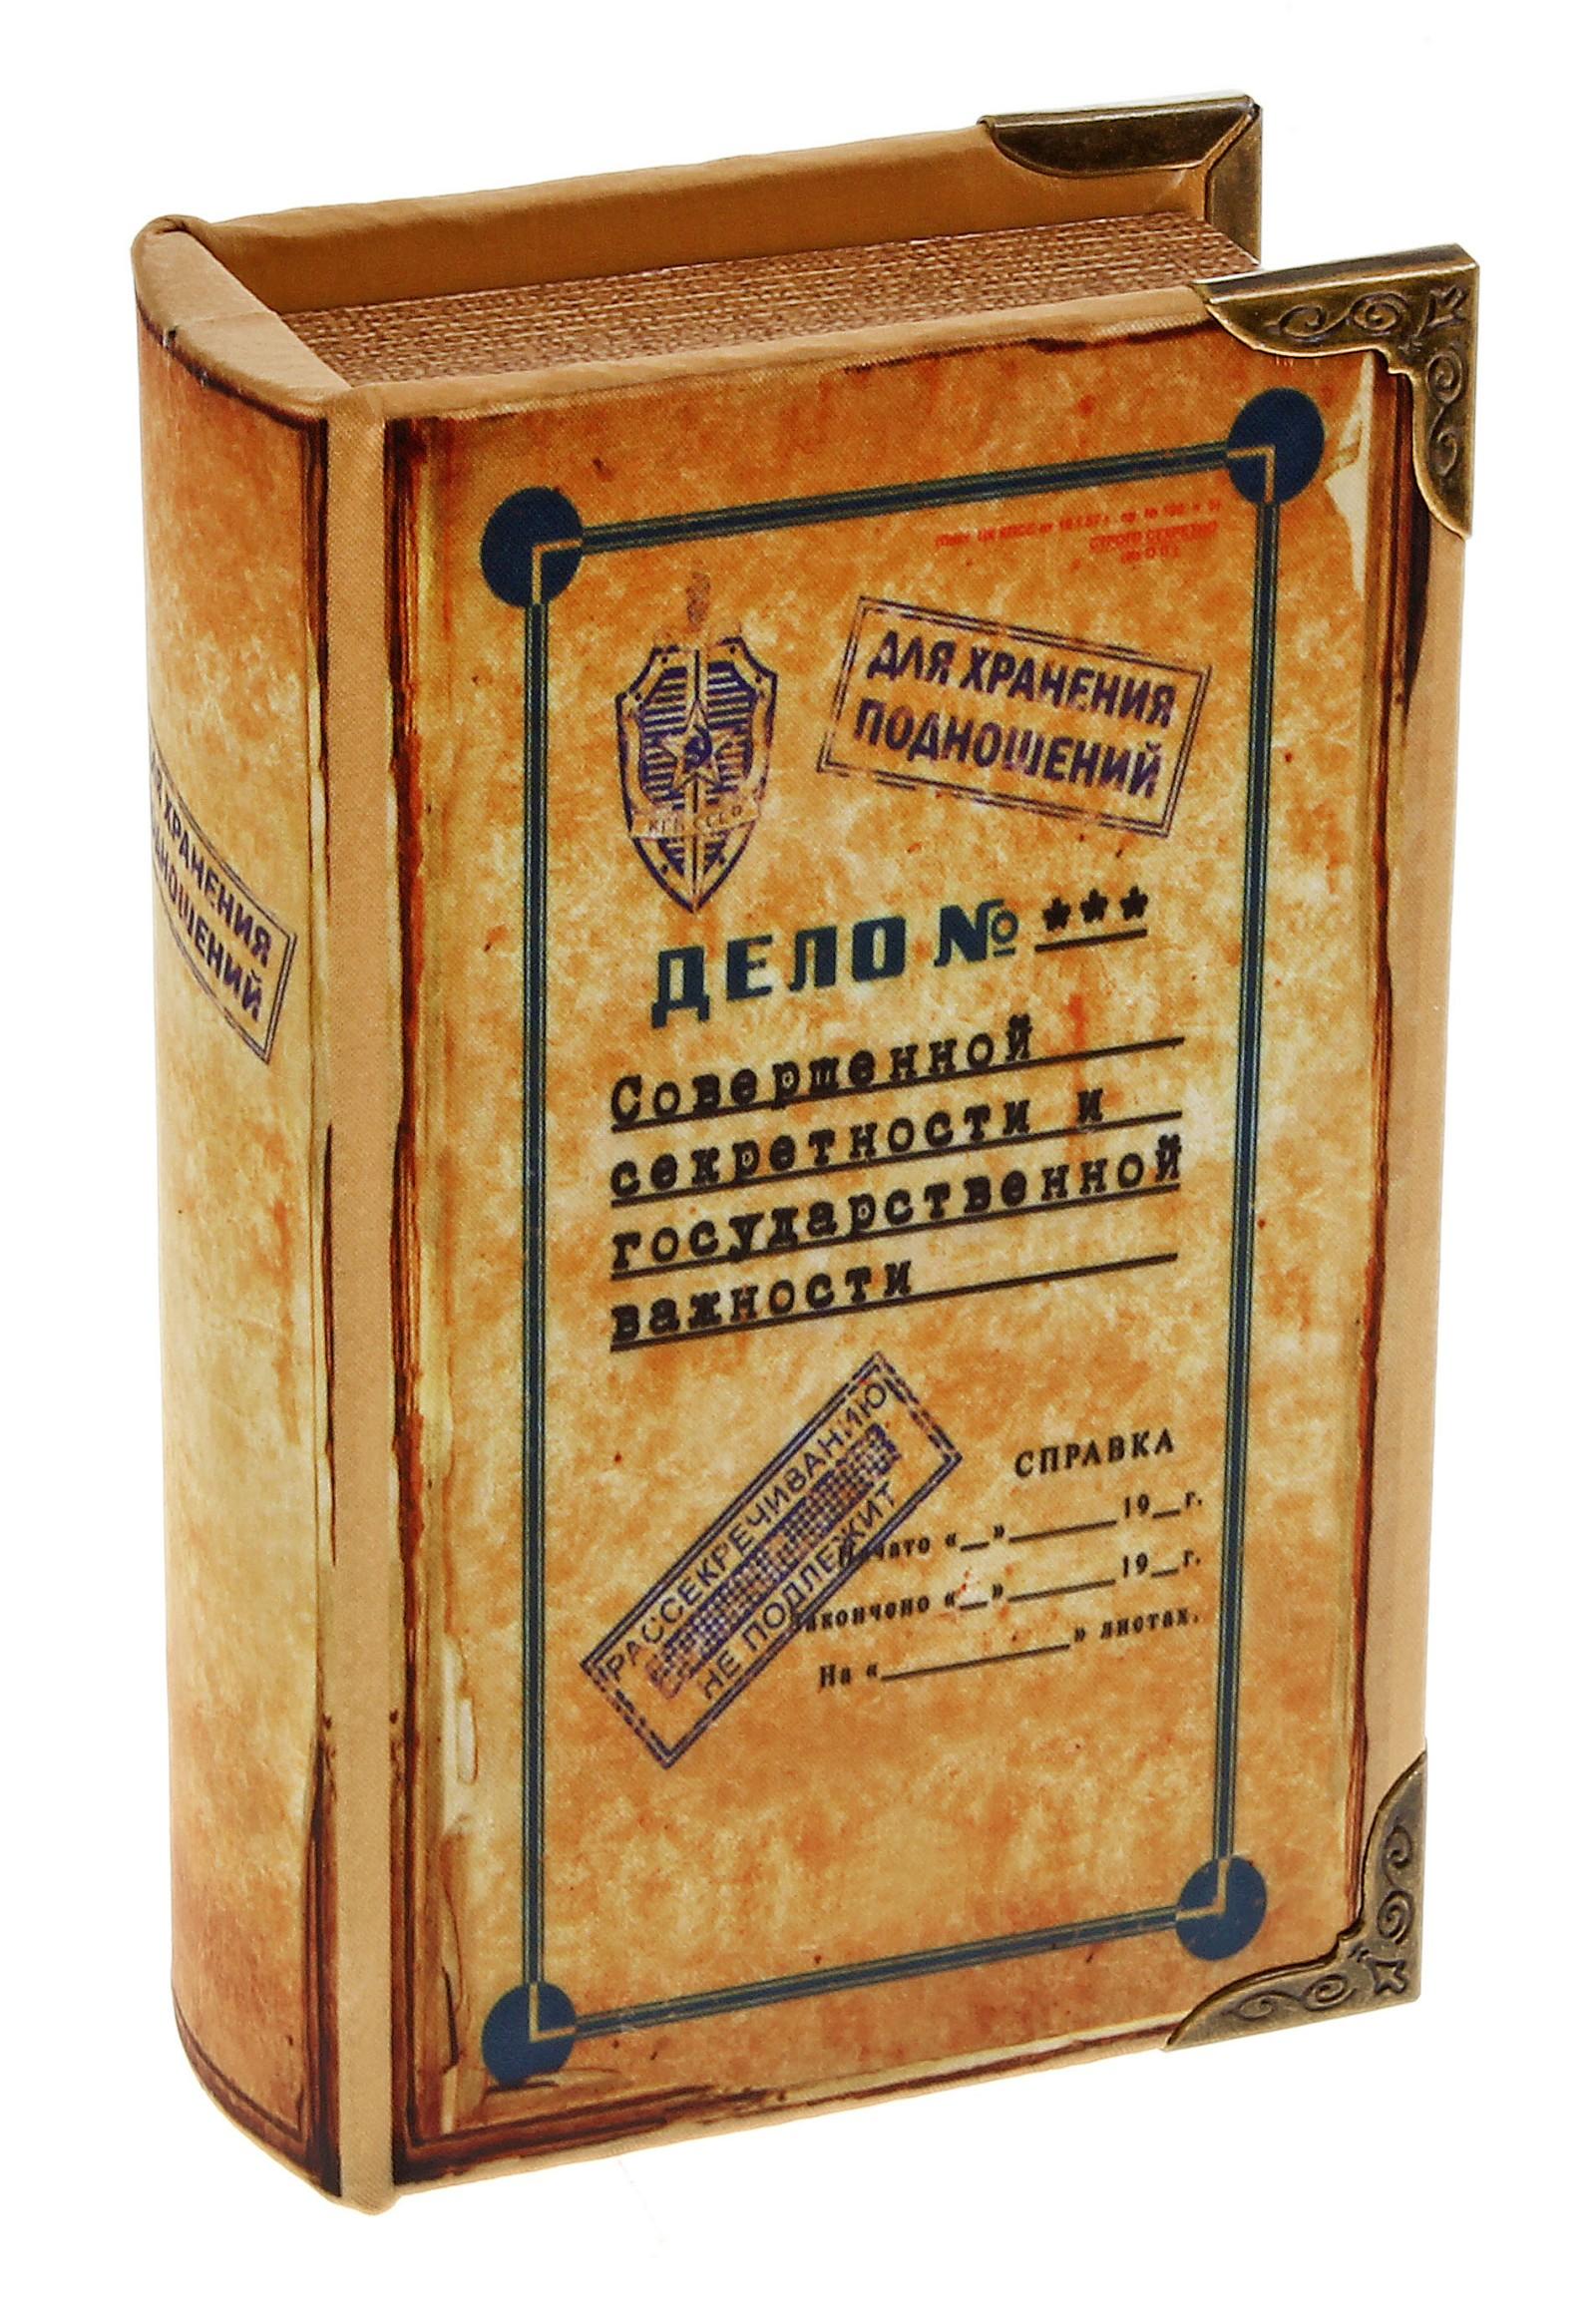 Шкатулка-книга Дело совершенной секретностиa030073Шкатулка-книга Дело совершенной секретности, изготовленная из дерева и обтянутая шелком - отличный подарок, подчеркивающий яркую индивидуальность того, кому он предназначается.Такая шкатулка может использоваться в качестве сейфа, украшения интерьера или для хранения важных мелочей. Характеристики:Материал: дерево, шёлк. Цвет: коричневый. Размер шкатулки (в закрытом виде): 17 см х 11 см х 5 см. Размер упаковки: 18 см х 12 см х 6 см. Артикул: 480425.